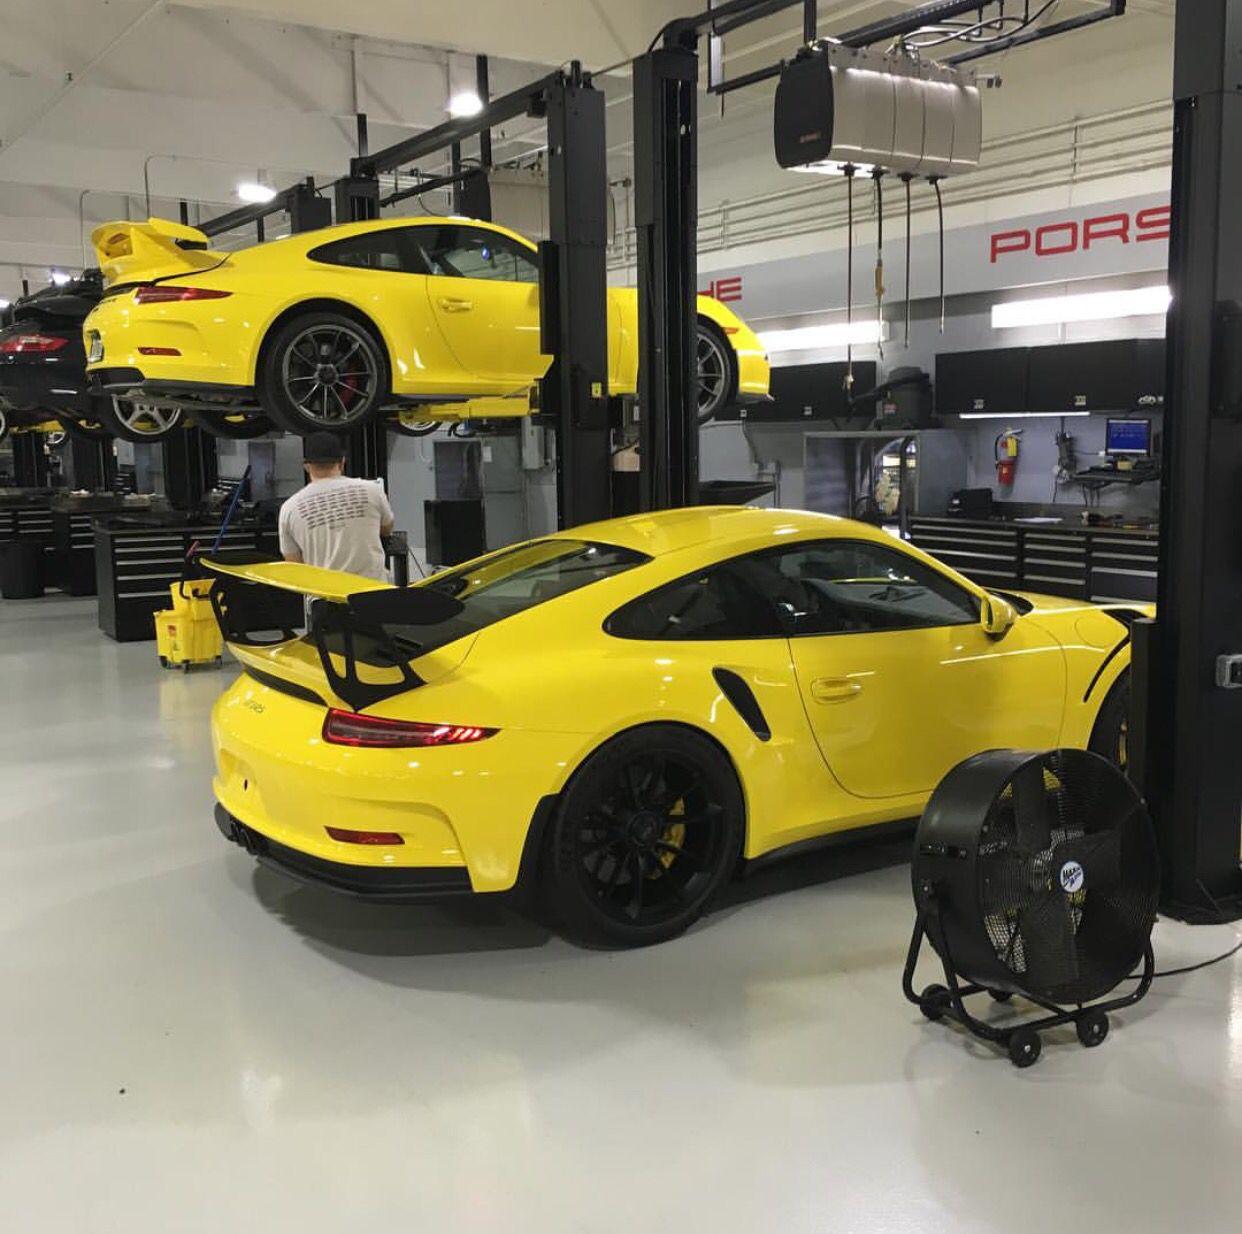 Porsche 911 Gts, Porsche Cars, Porsche 991 Gt3